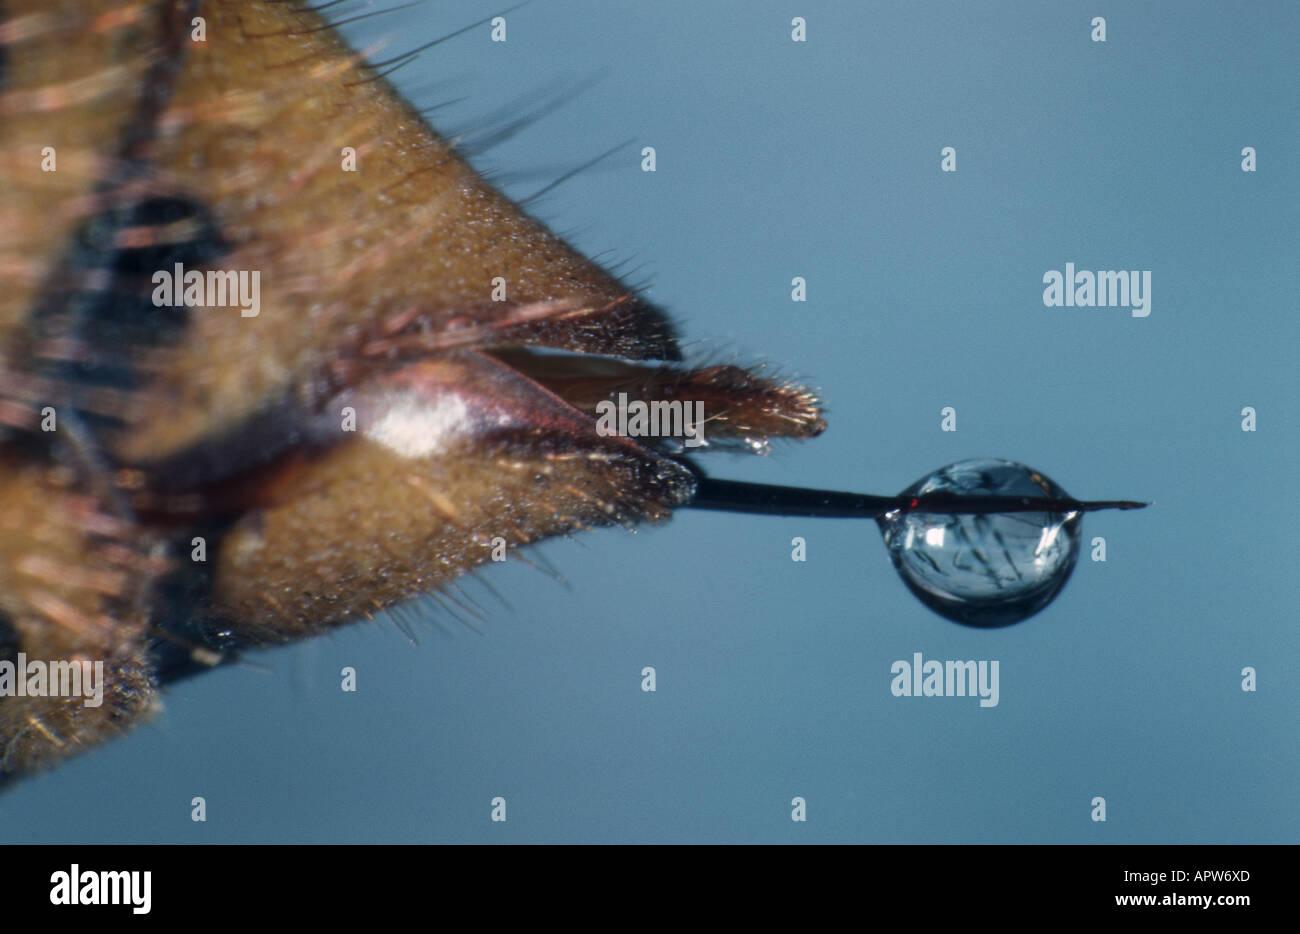 hornet, brown hornet, European hornet (Vespa crabro), sting at the abdomen - Stock Image